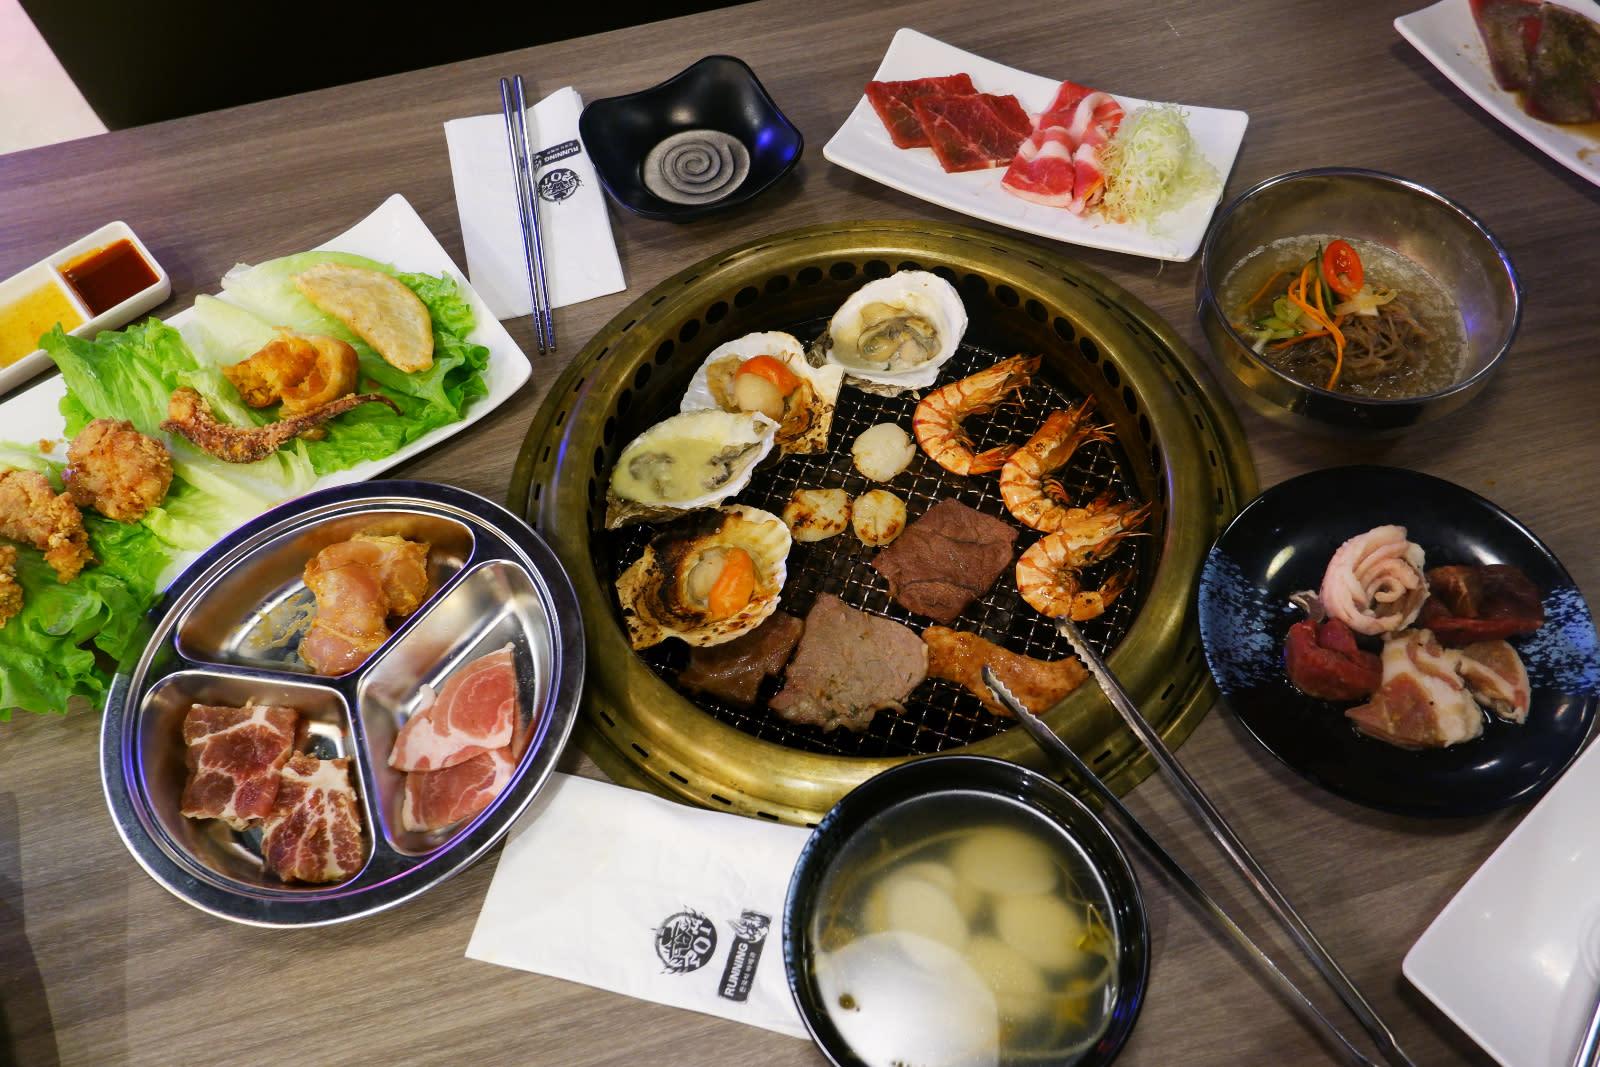 將軍澳新韓燒!最平$178食110分鐘 任食海鮮、烤肉、韓式炸雞